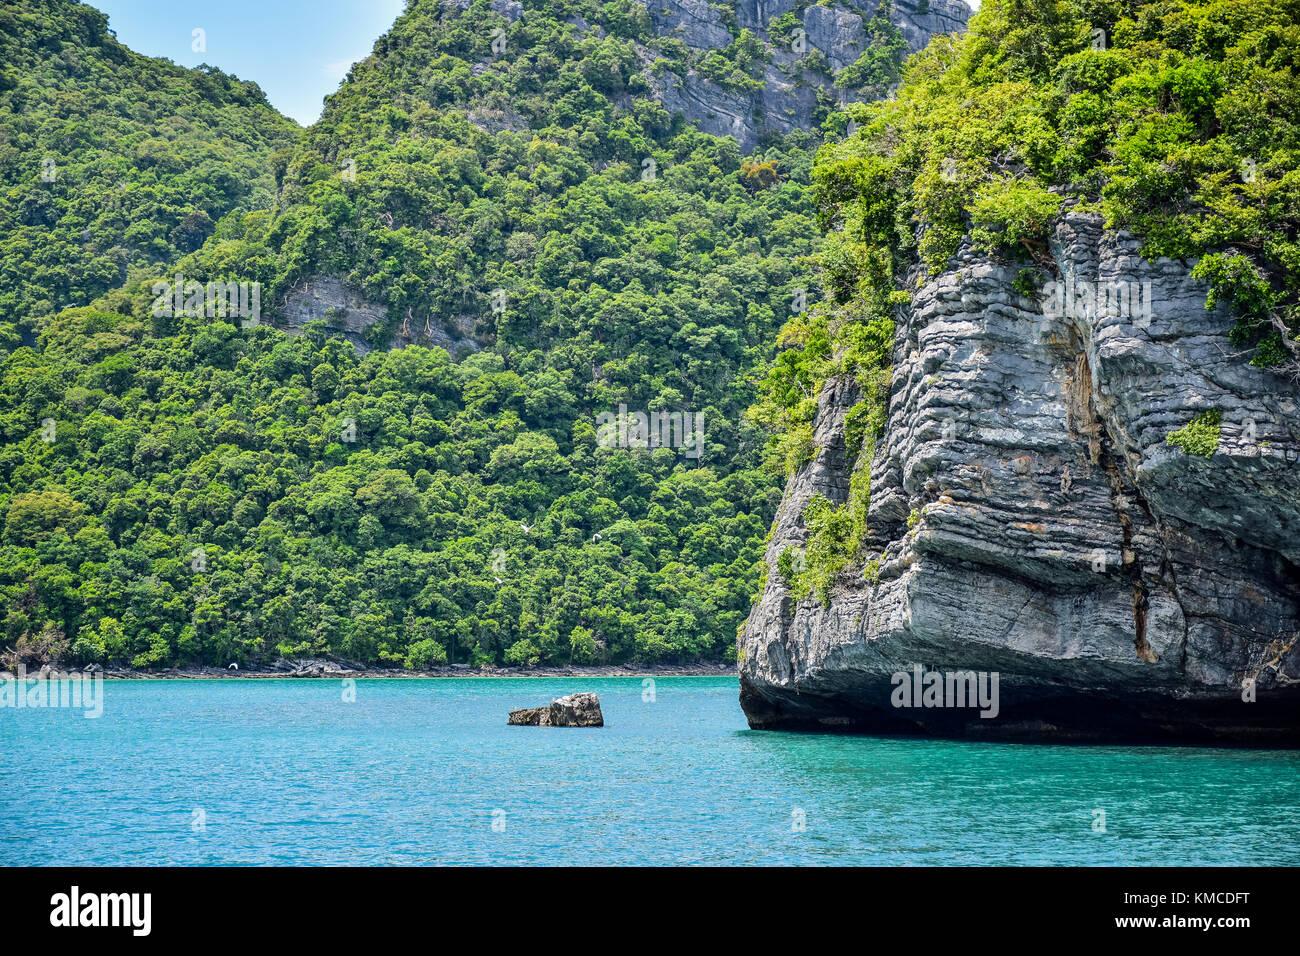 Hermoso paisaje de Tailandia, el mar y la isla de Samui, uno de los más famosos lugares de destino de vacaciones Foto de stock